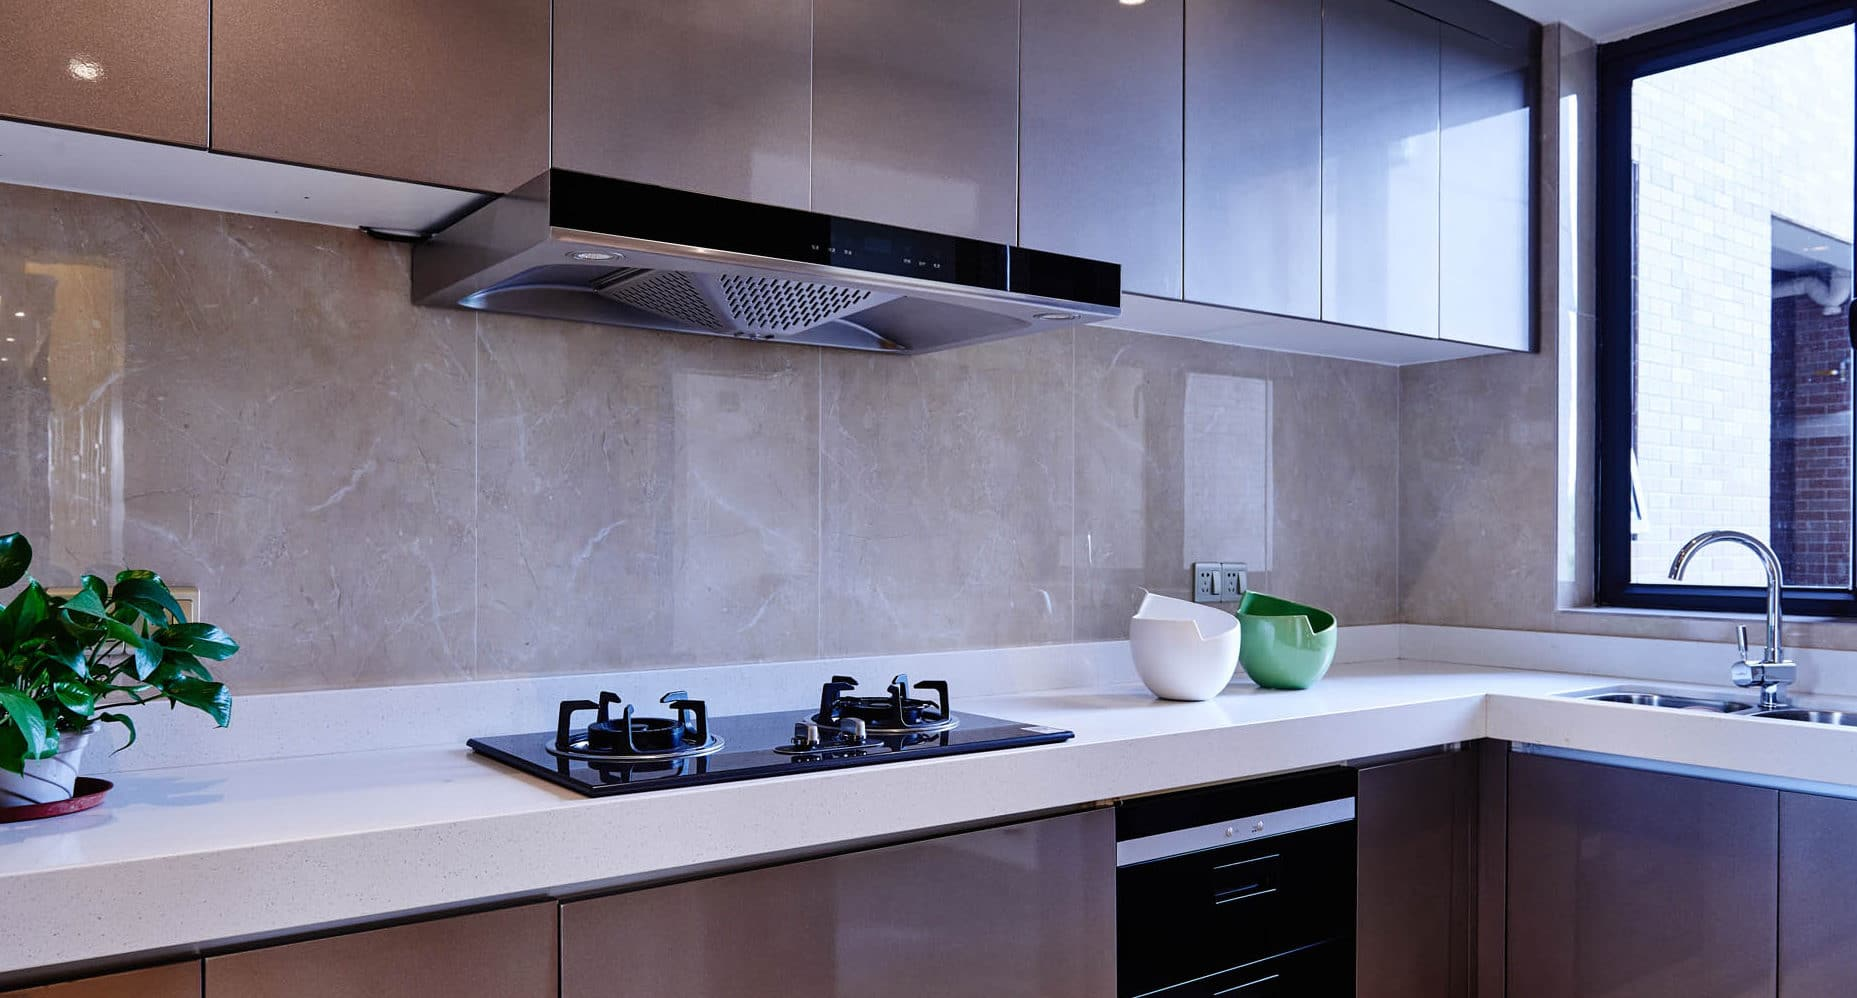 C mo elegir azulejos para cocinas murelli cucine - Azulejos para la cocina ...